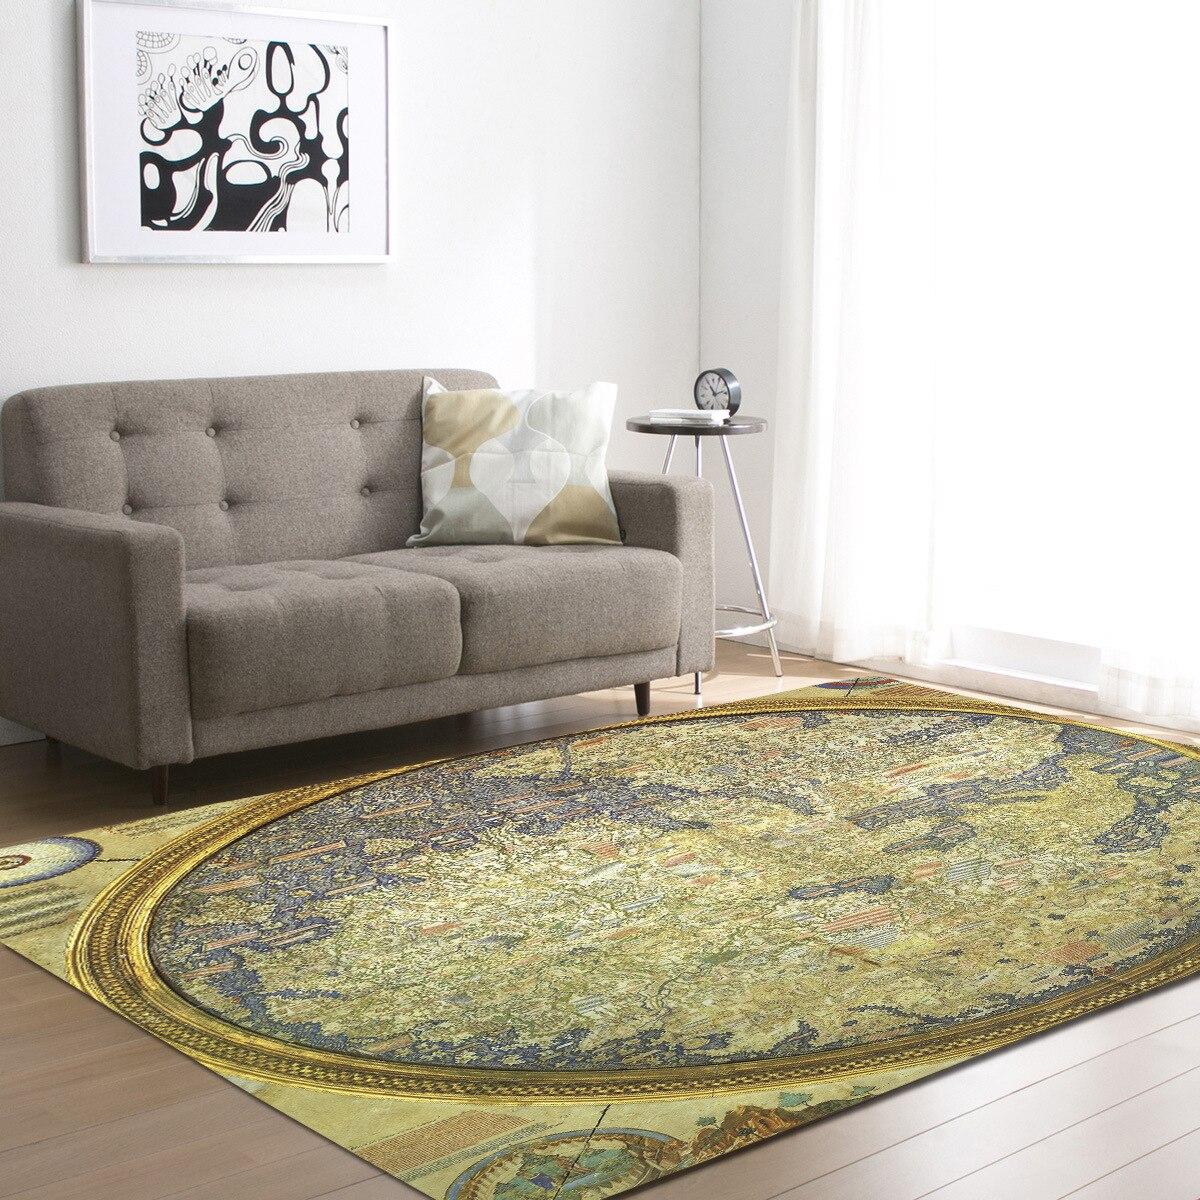 Floor Mat Carpets For Living Room